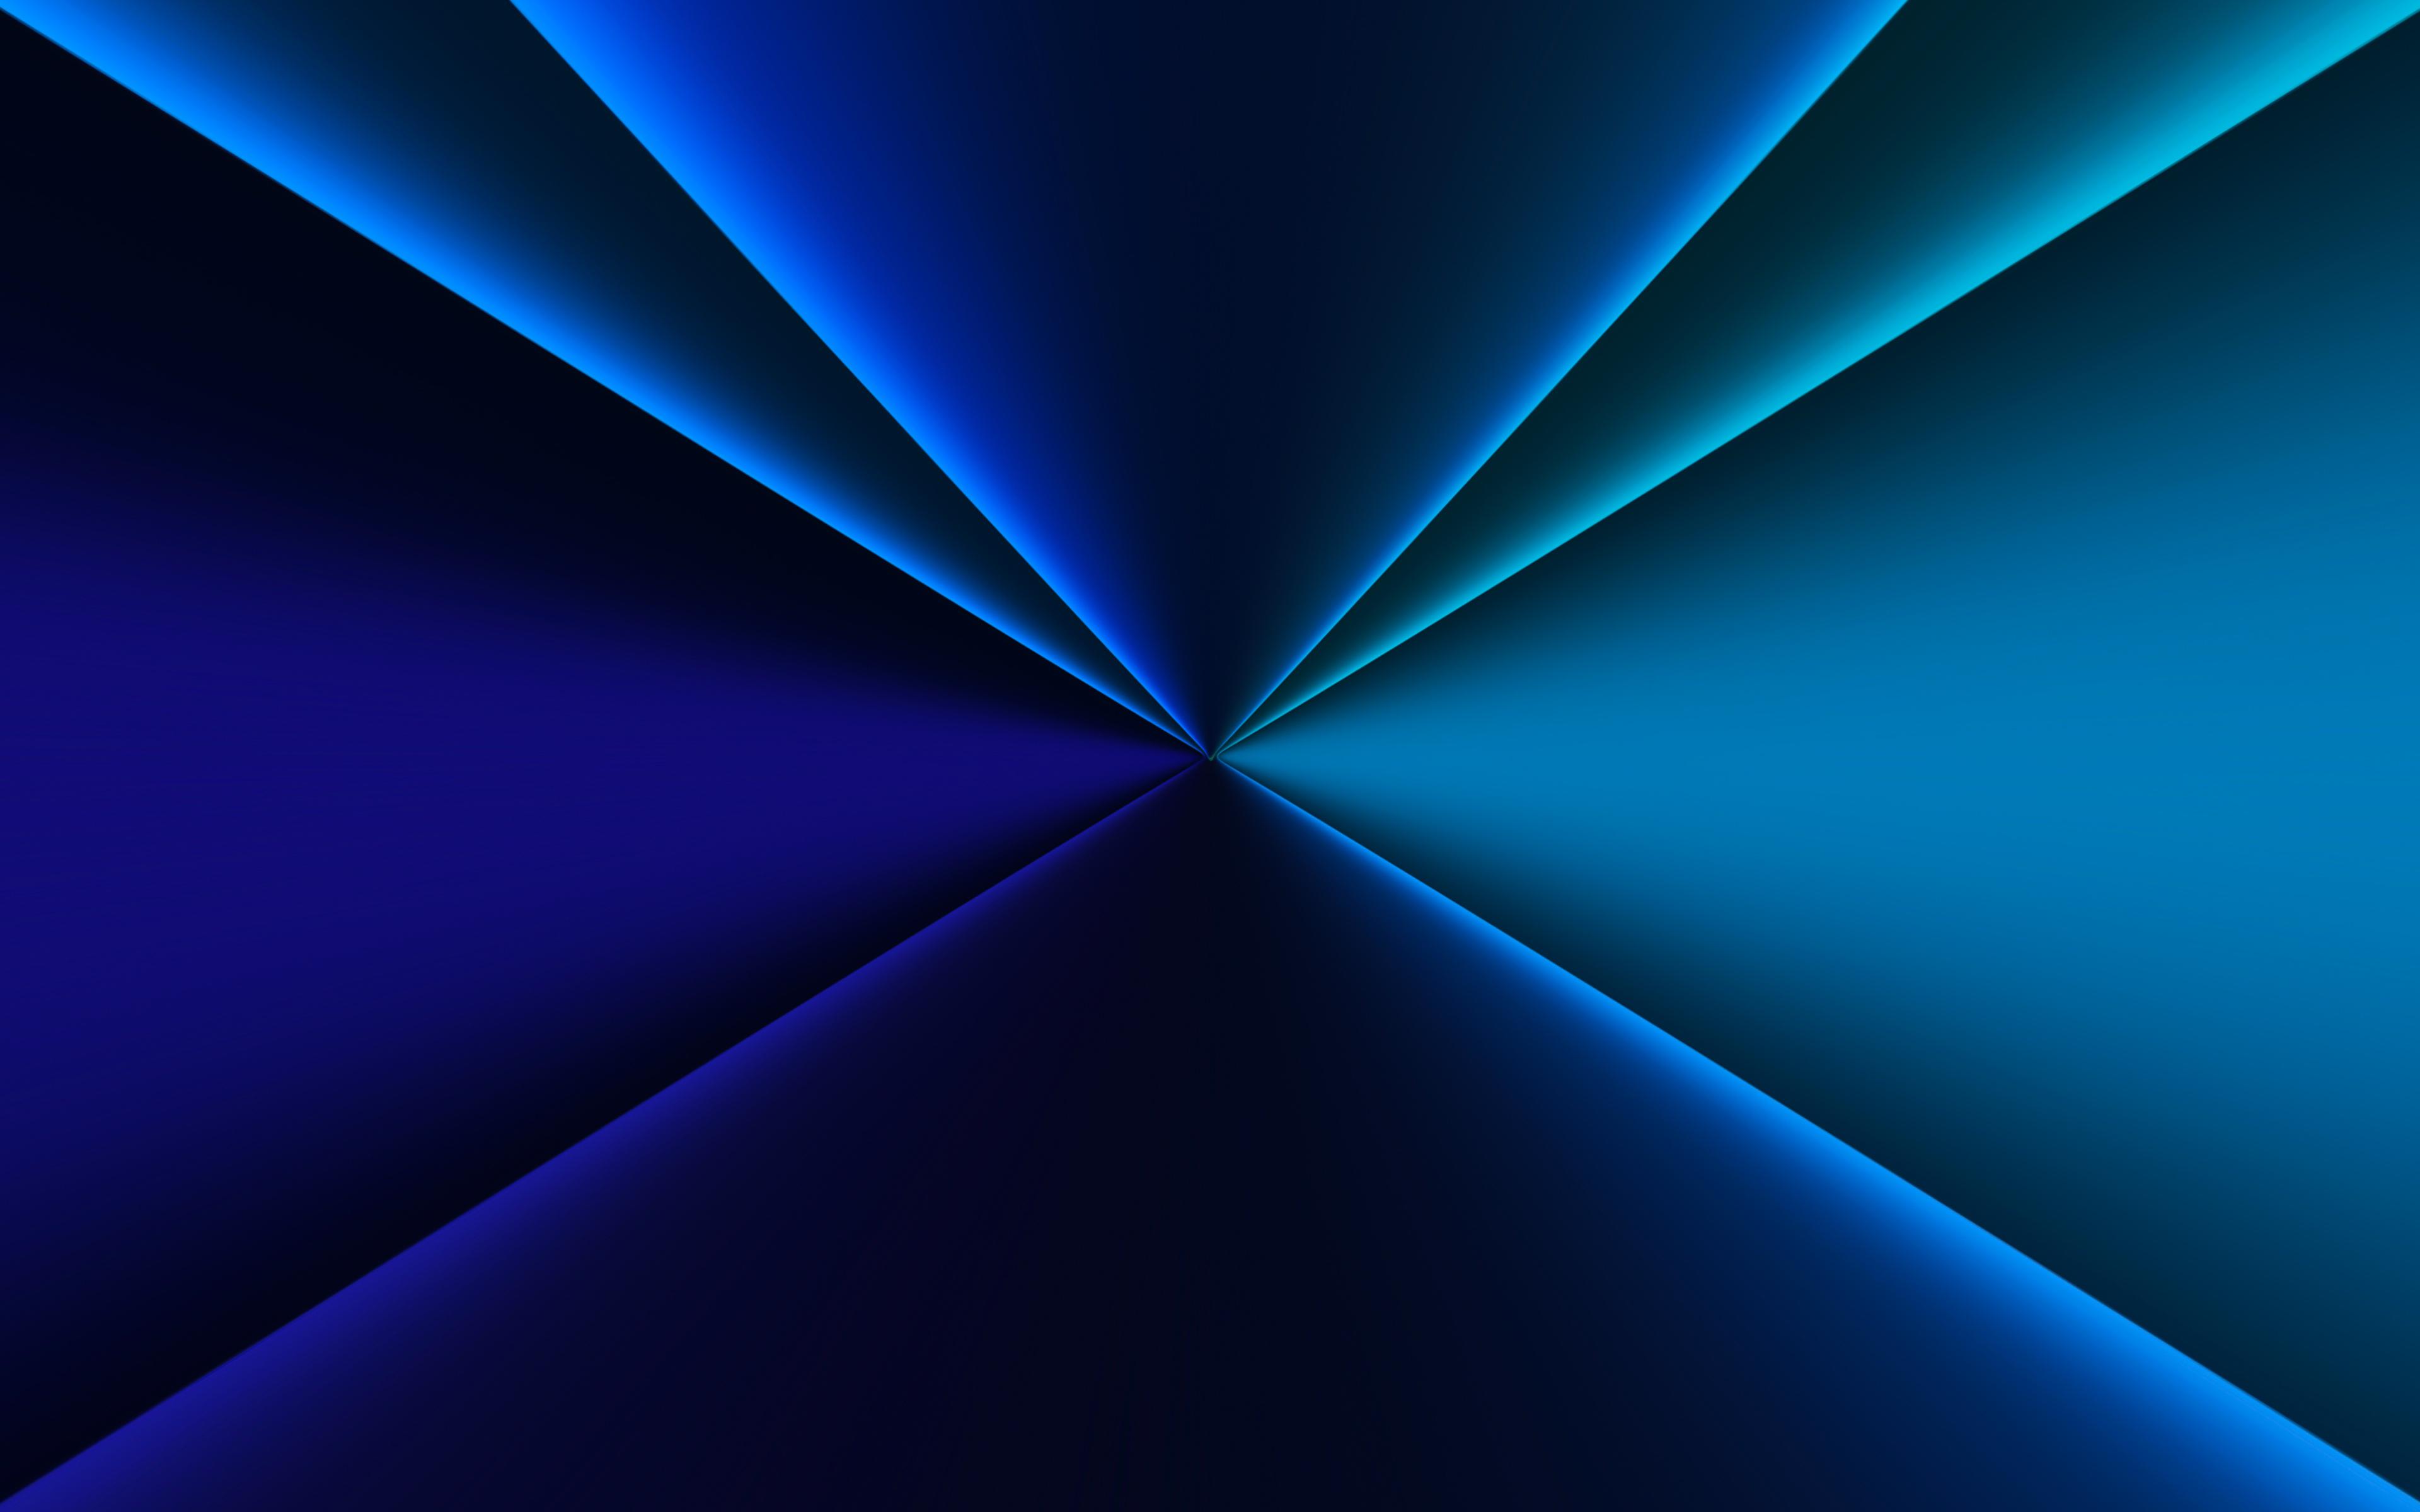 blue-dark-light-formation-4k-92.jpg